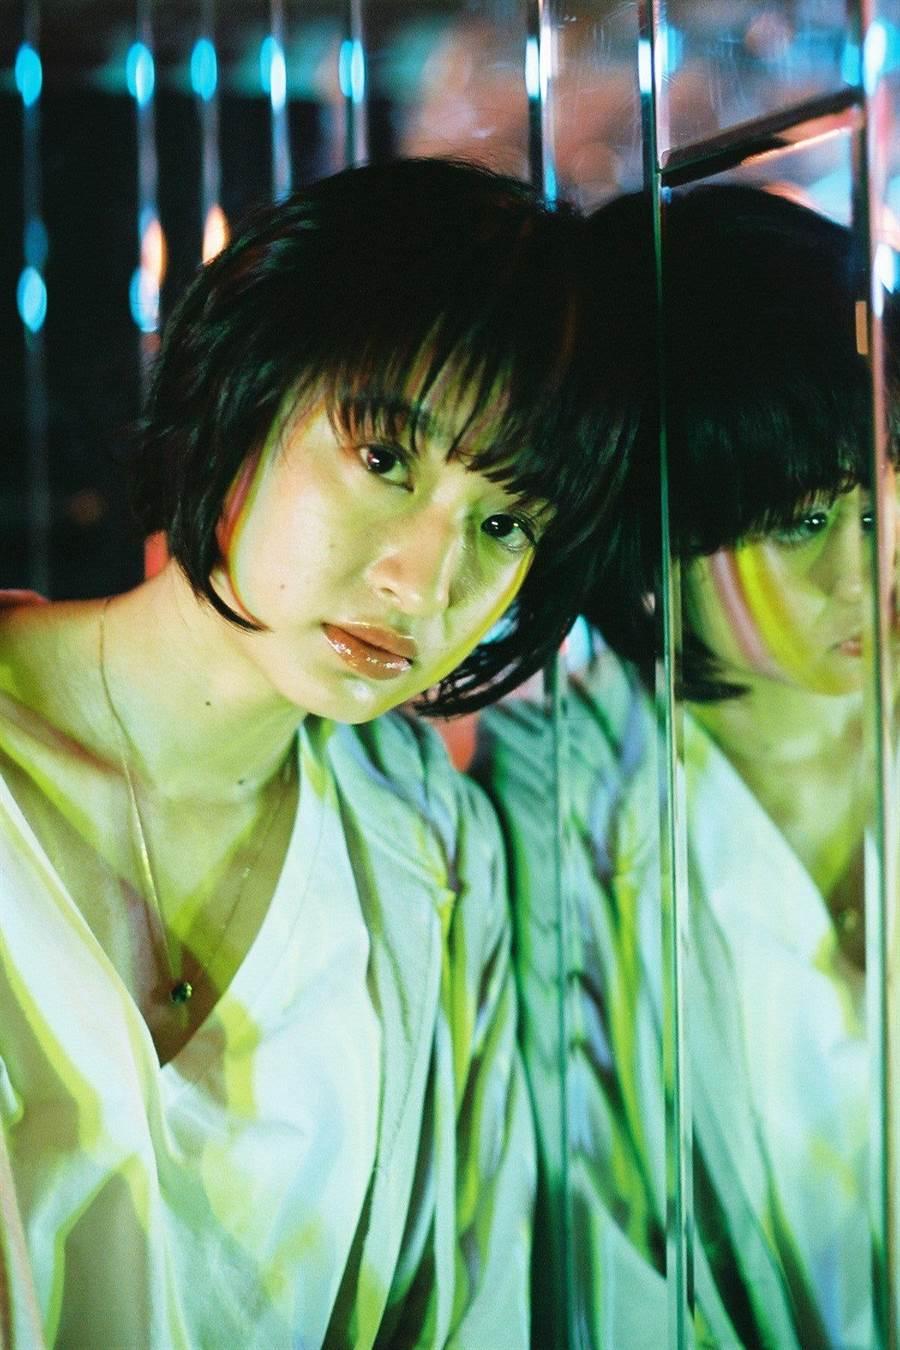 門脇麥演出岡崎京子的作品相當開心。。(采昌國際多媒體提供)